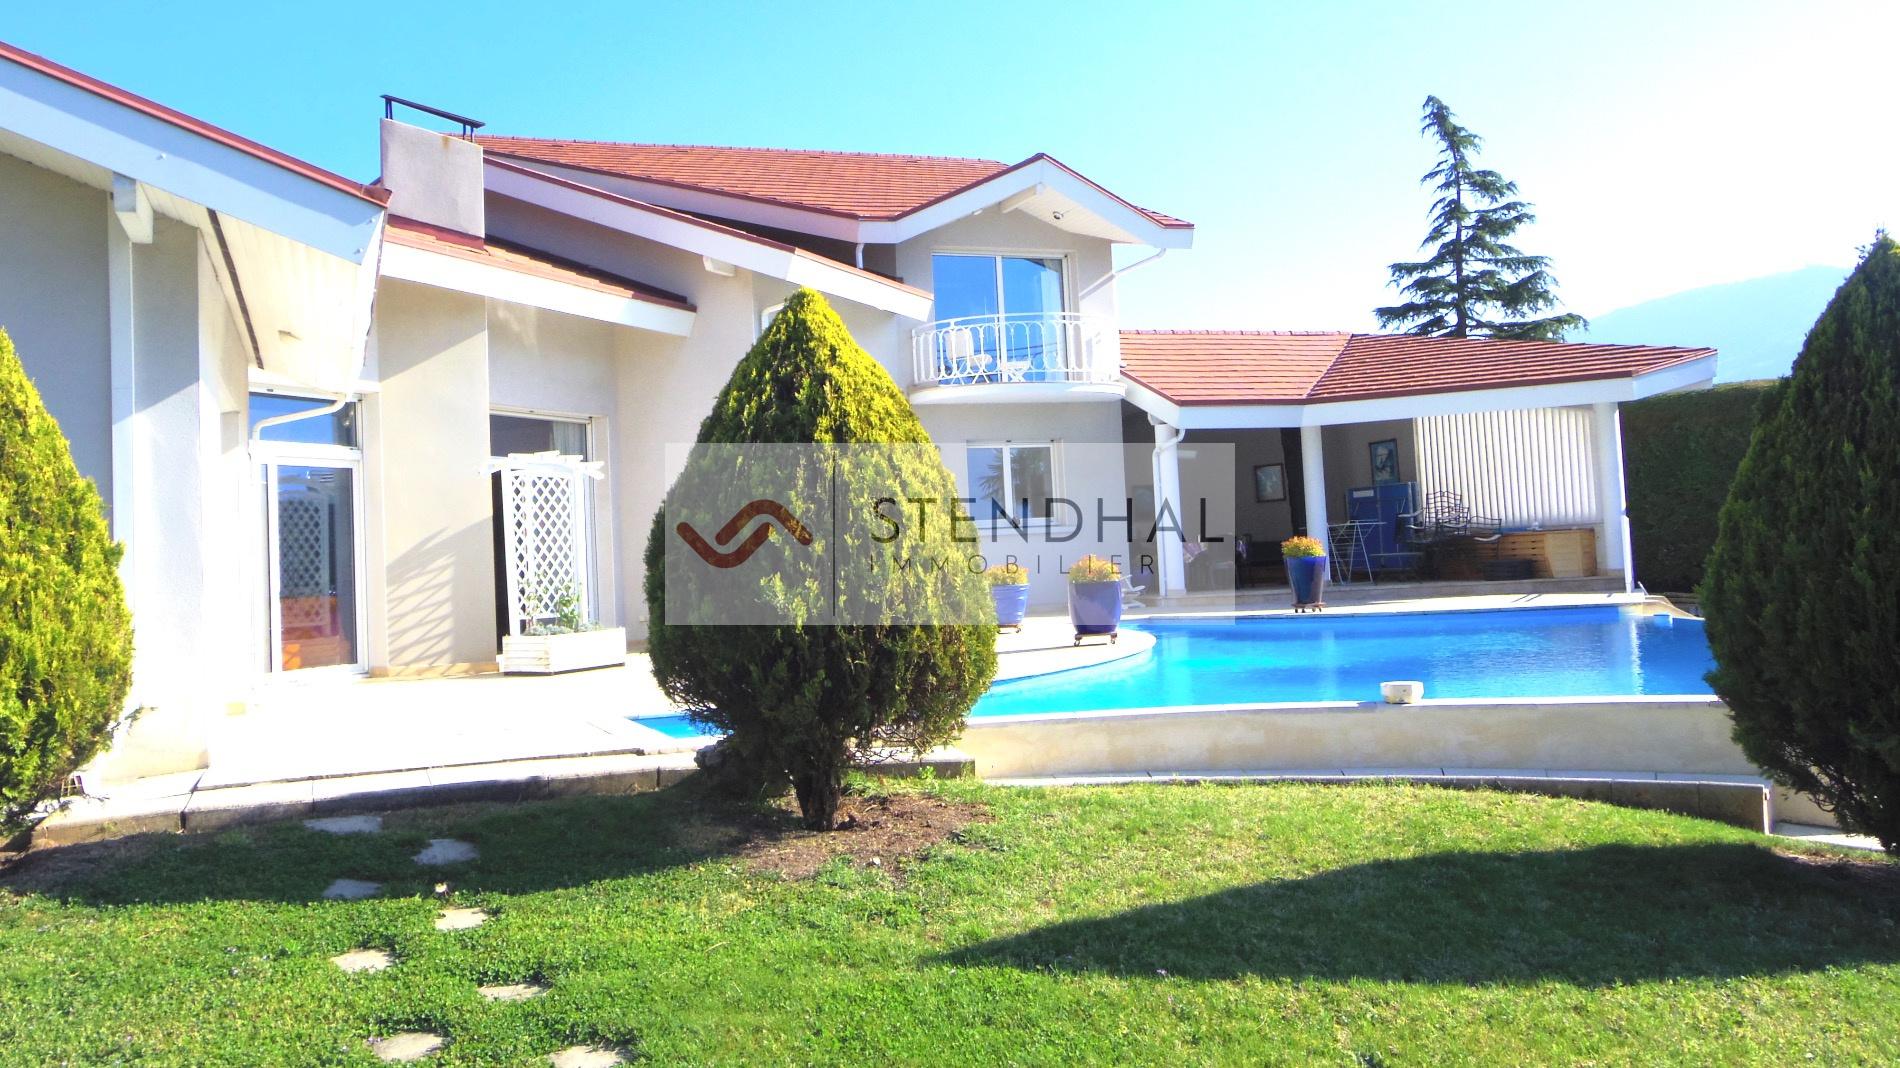 Vente le touvet belle villa avec piscine for Piscine desjoyaux crolles